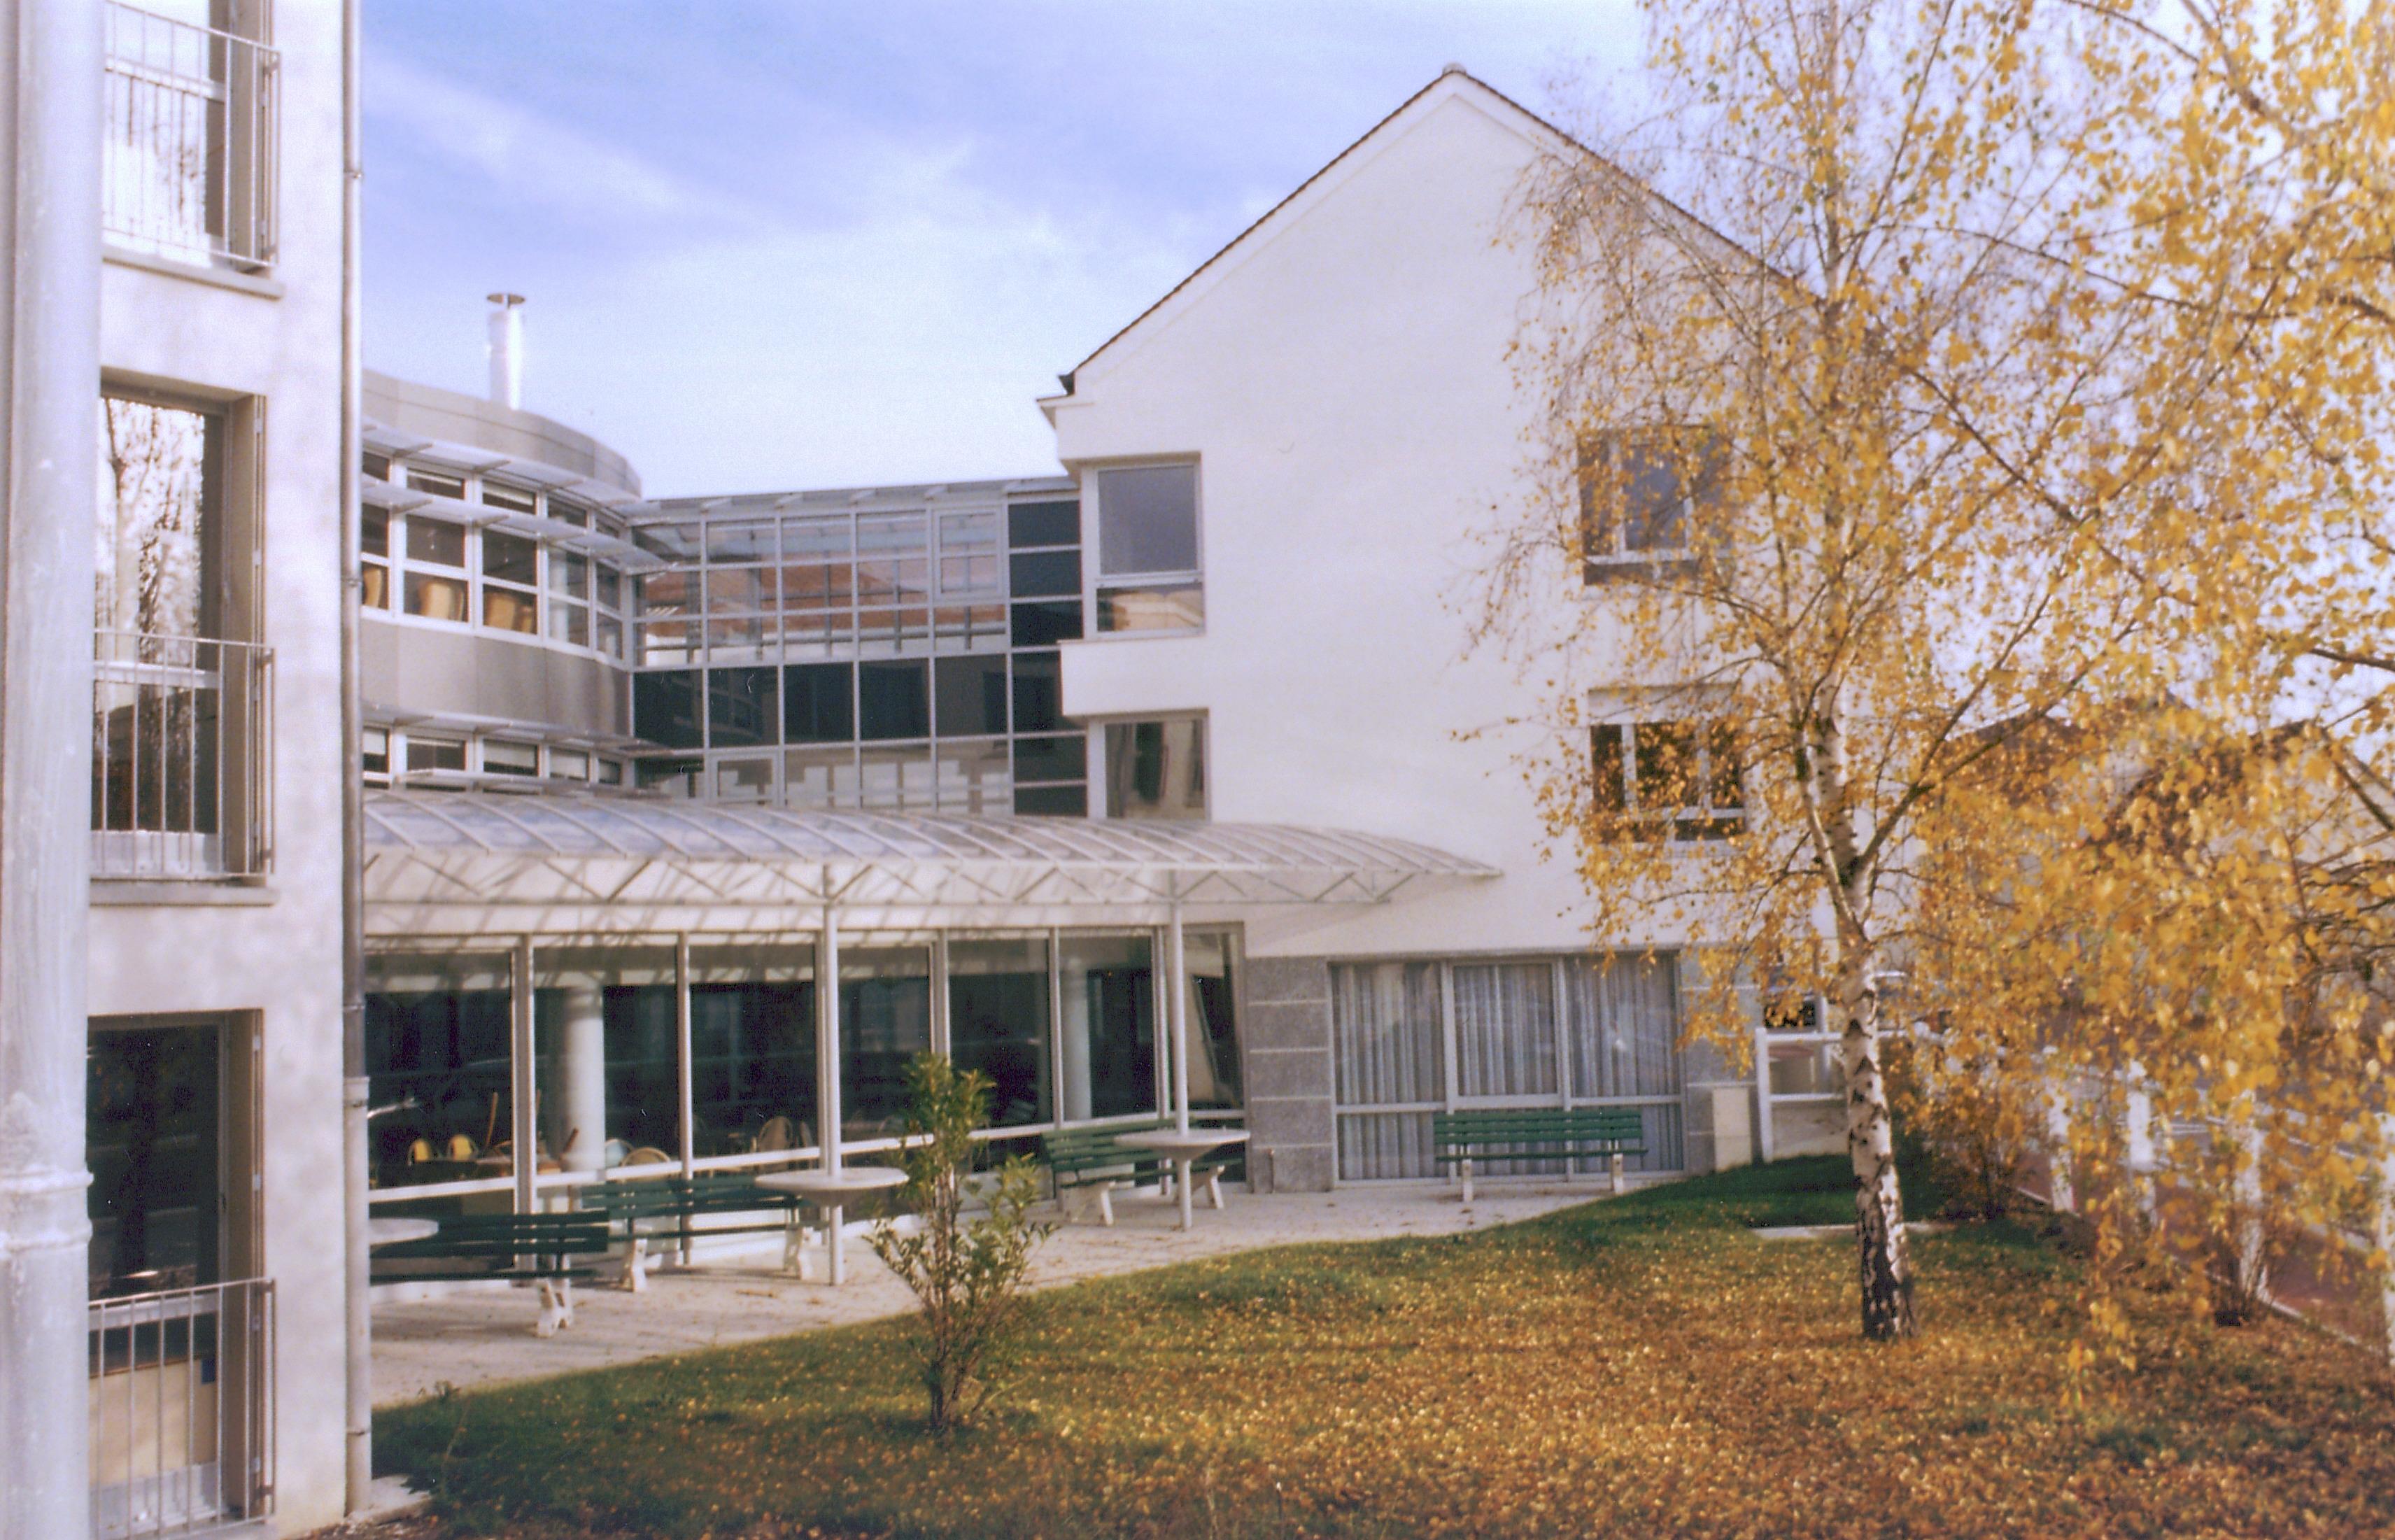 Maison de retraite bray sur seine le fil d argent for Aquarelle maison de retraite